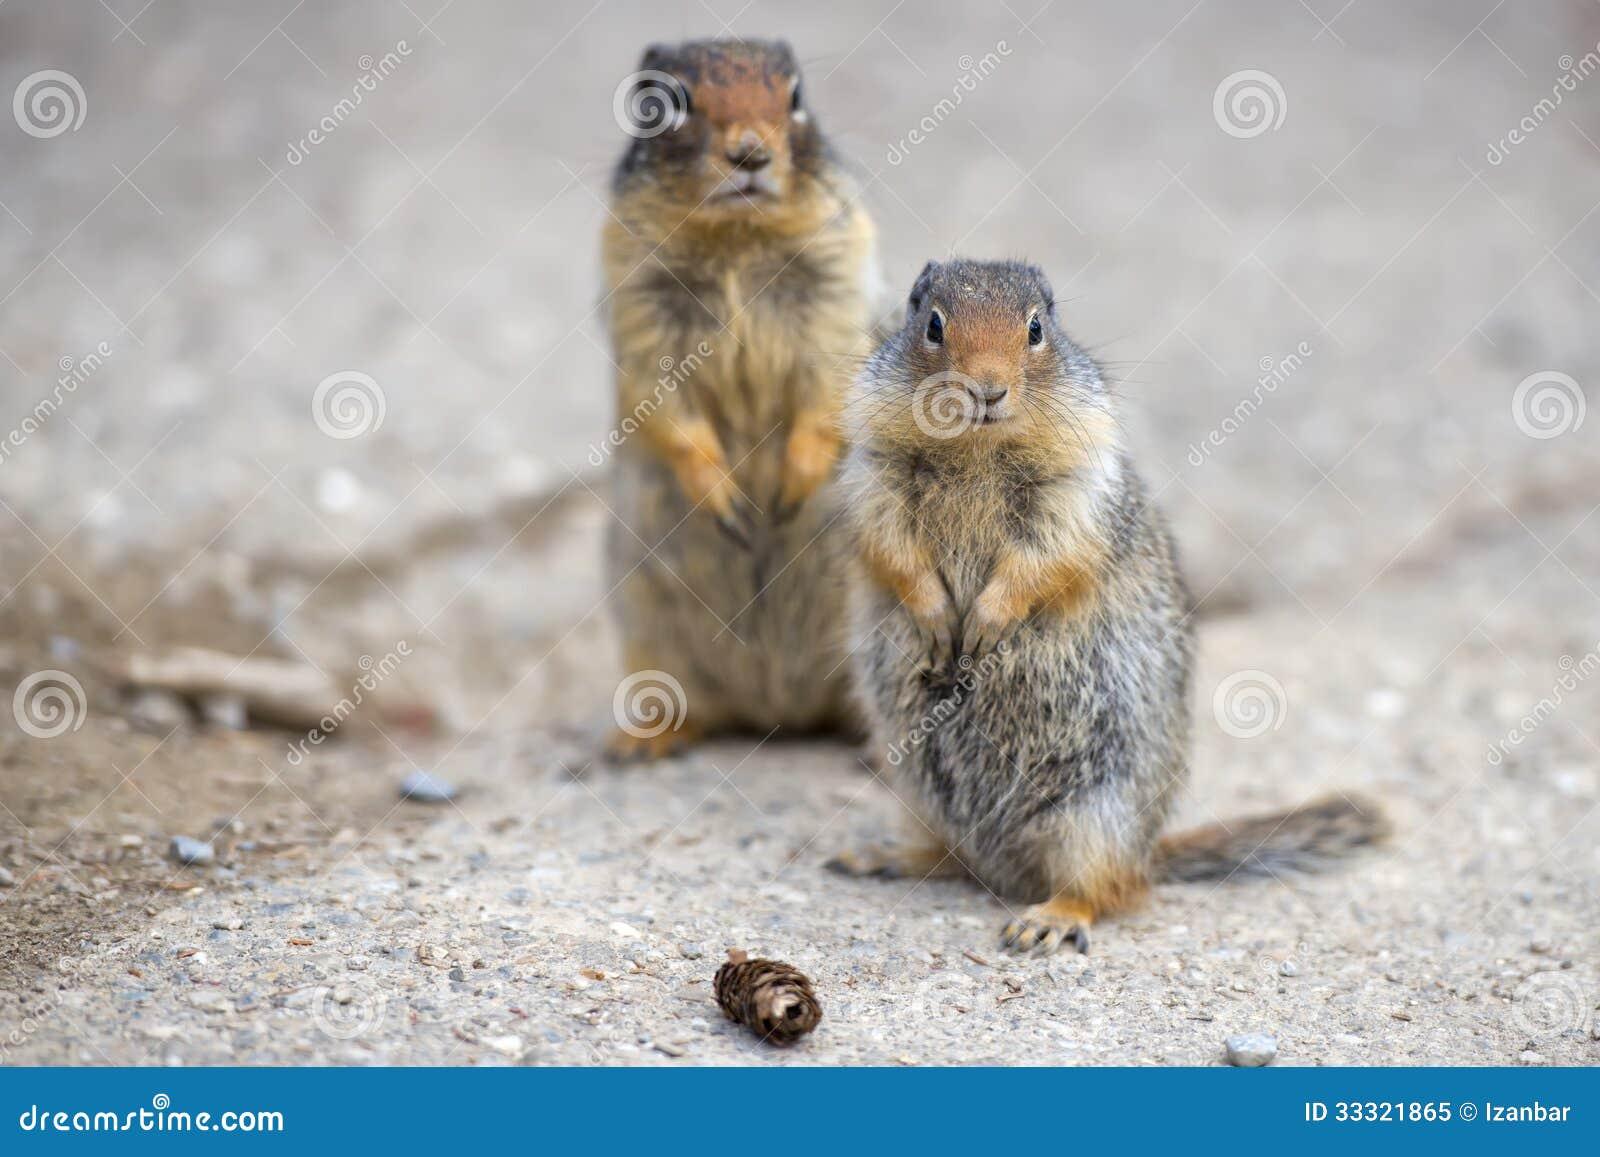 Zmielona Kanadyjska Wiewiórka Obraz Stock Obraz Złożonej Z Kanadyjska Wiewiórka 33321865